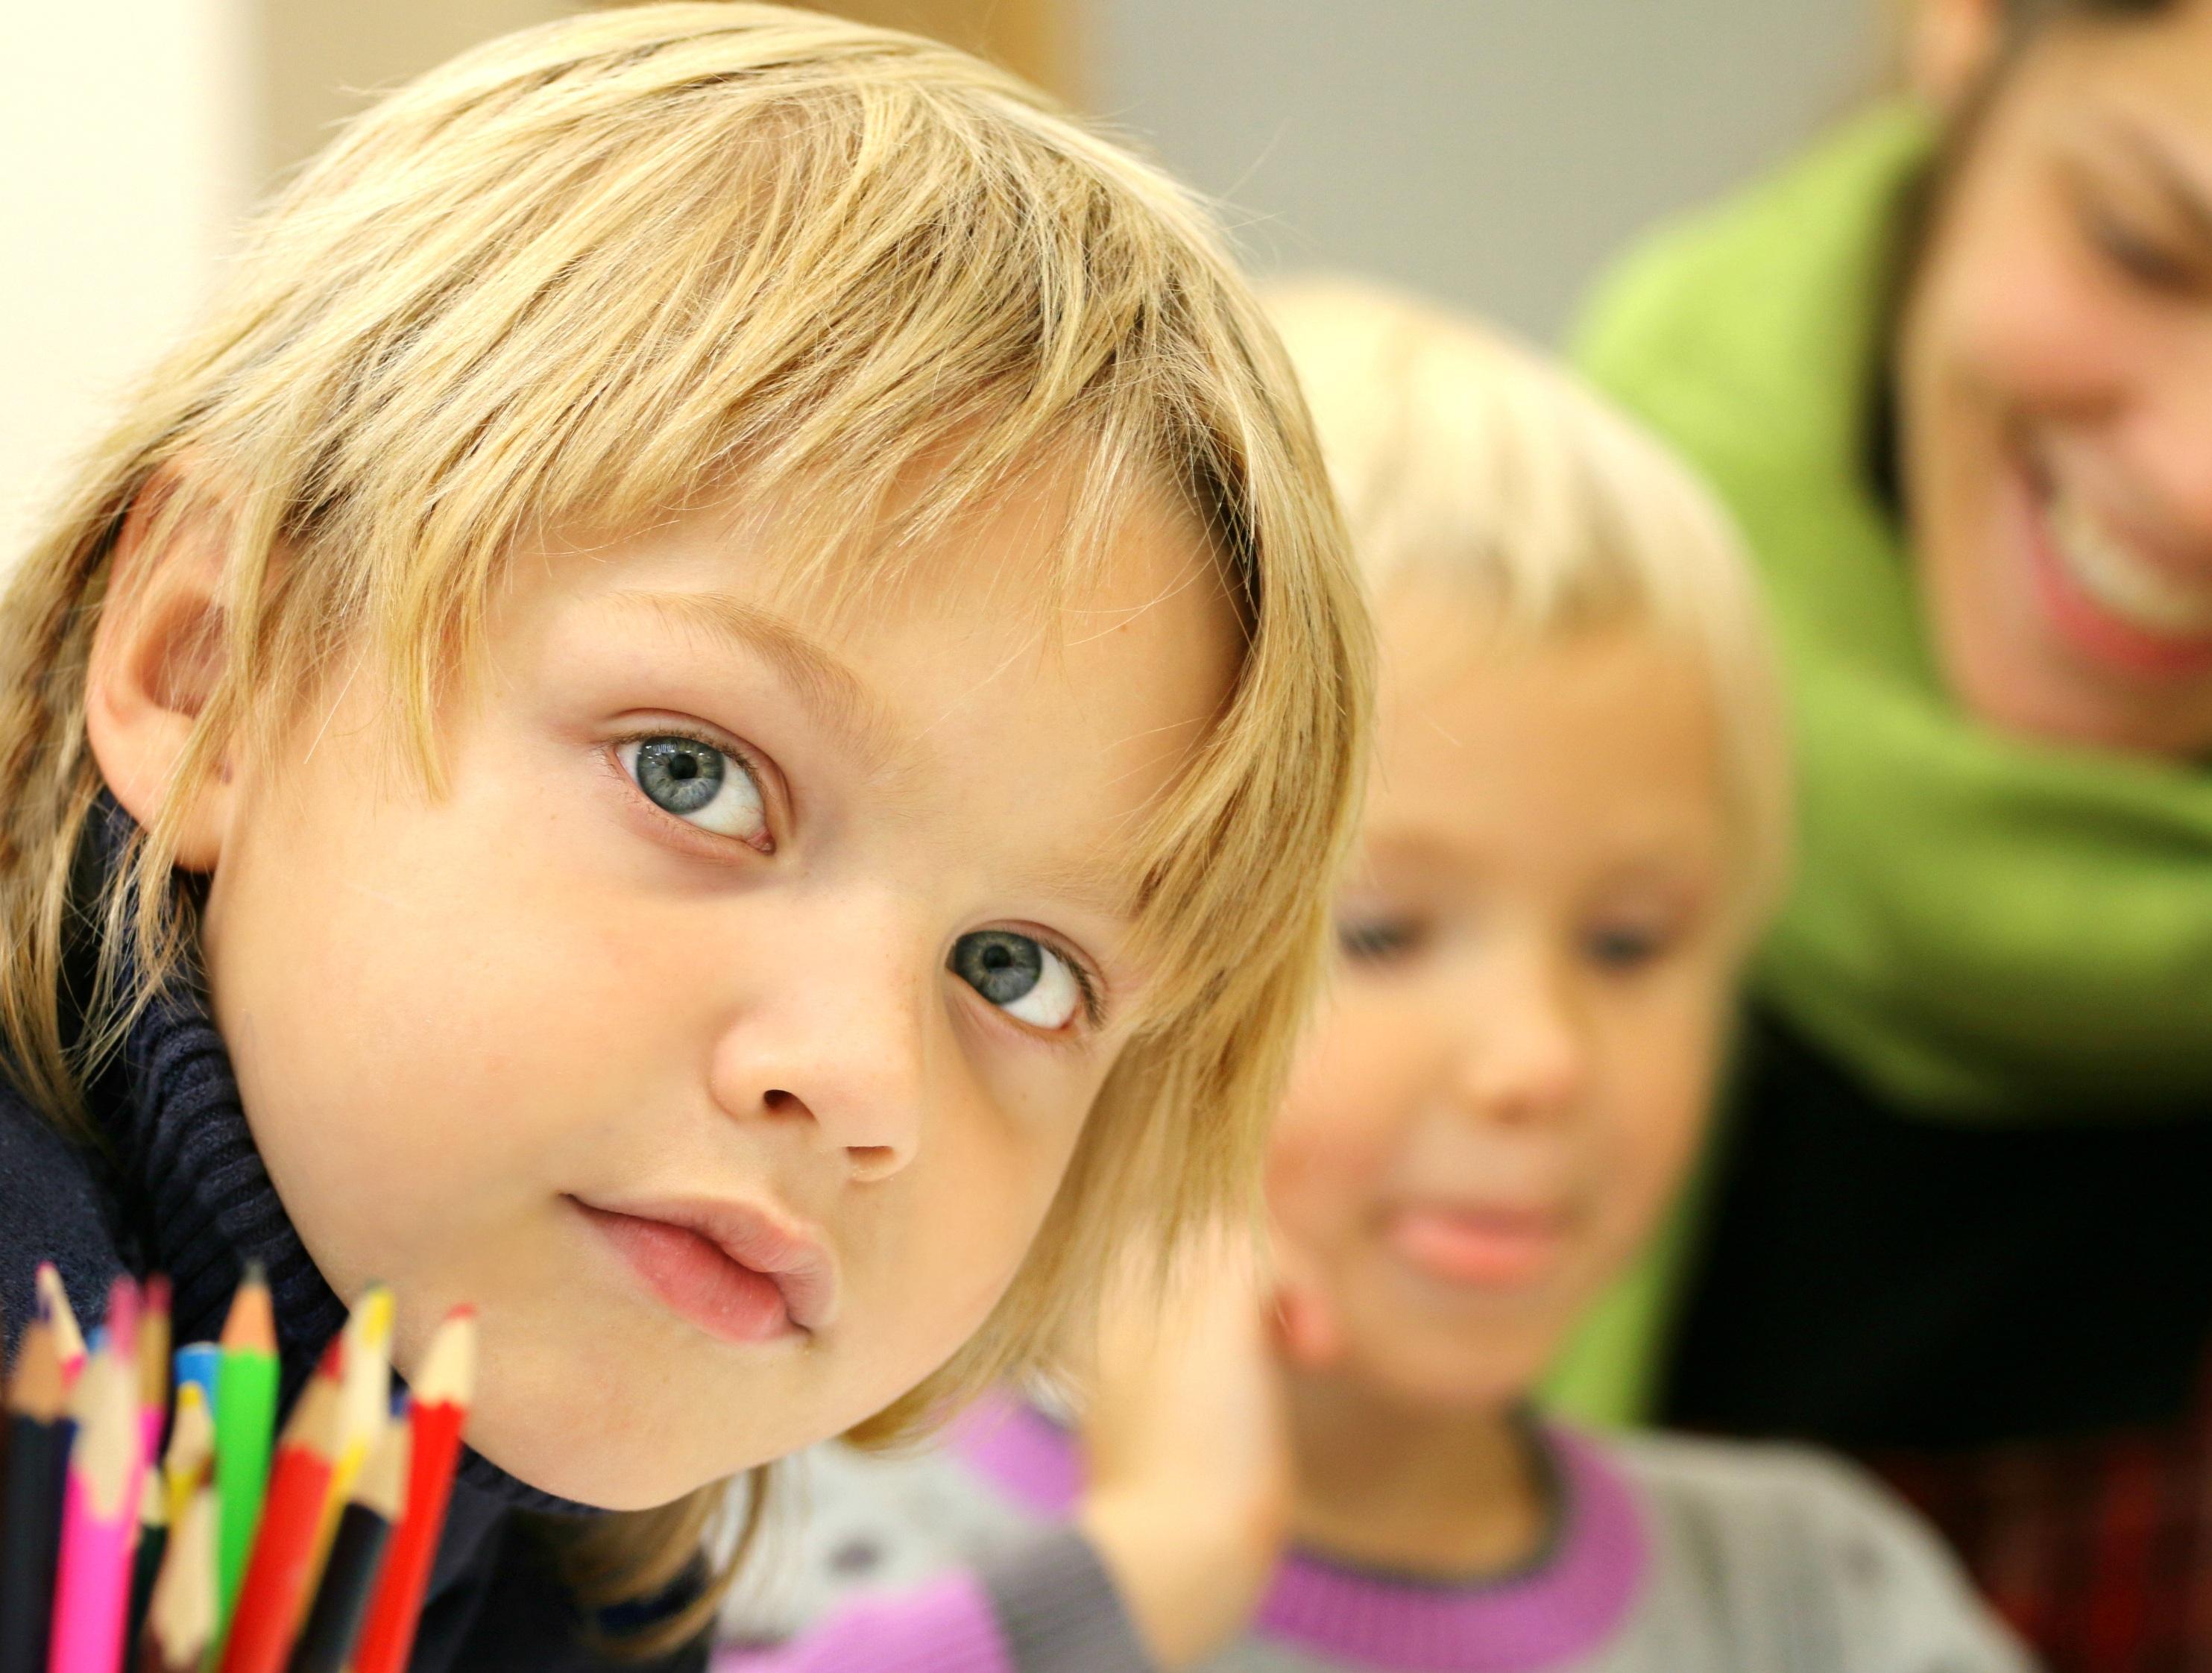 Первый раз в первый класс: Вопросы, помогающие первокласснику рассказать о новом дне в школе.